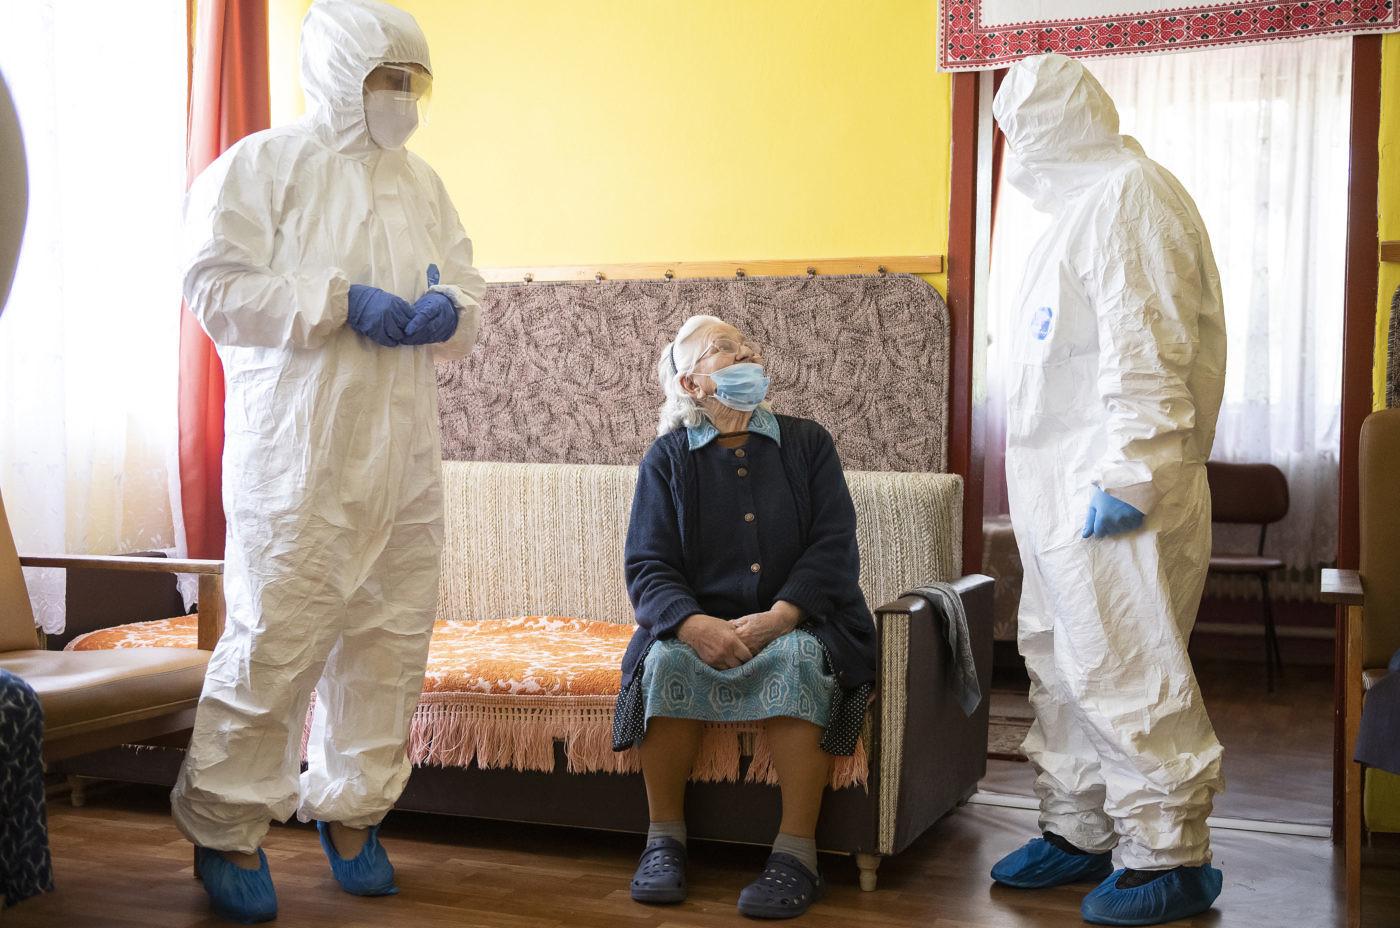 175 szociális gondozott halt bele a koronavírusba Csongrád-Csanád megyében eddig